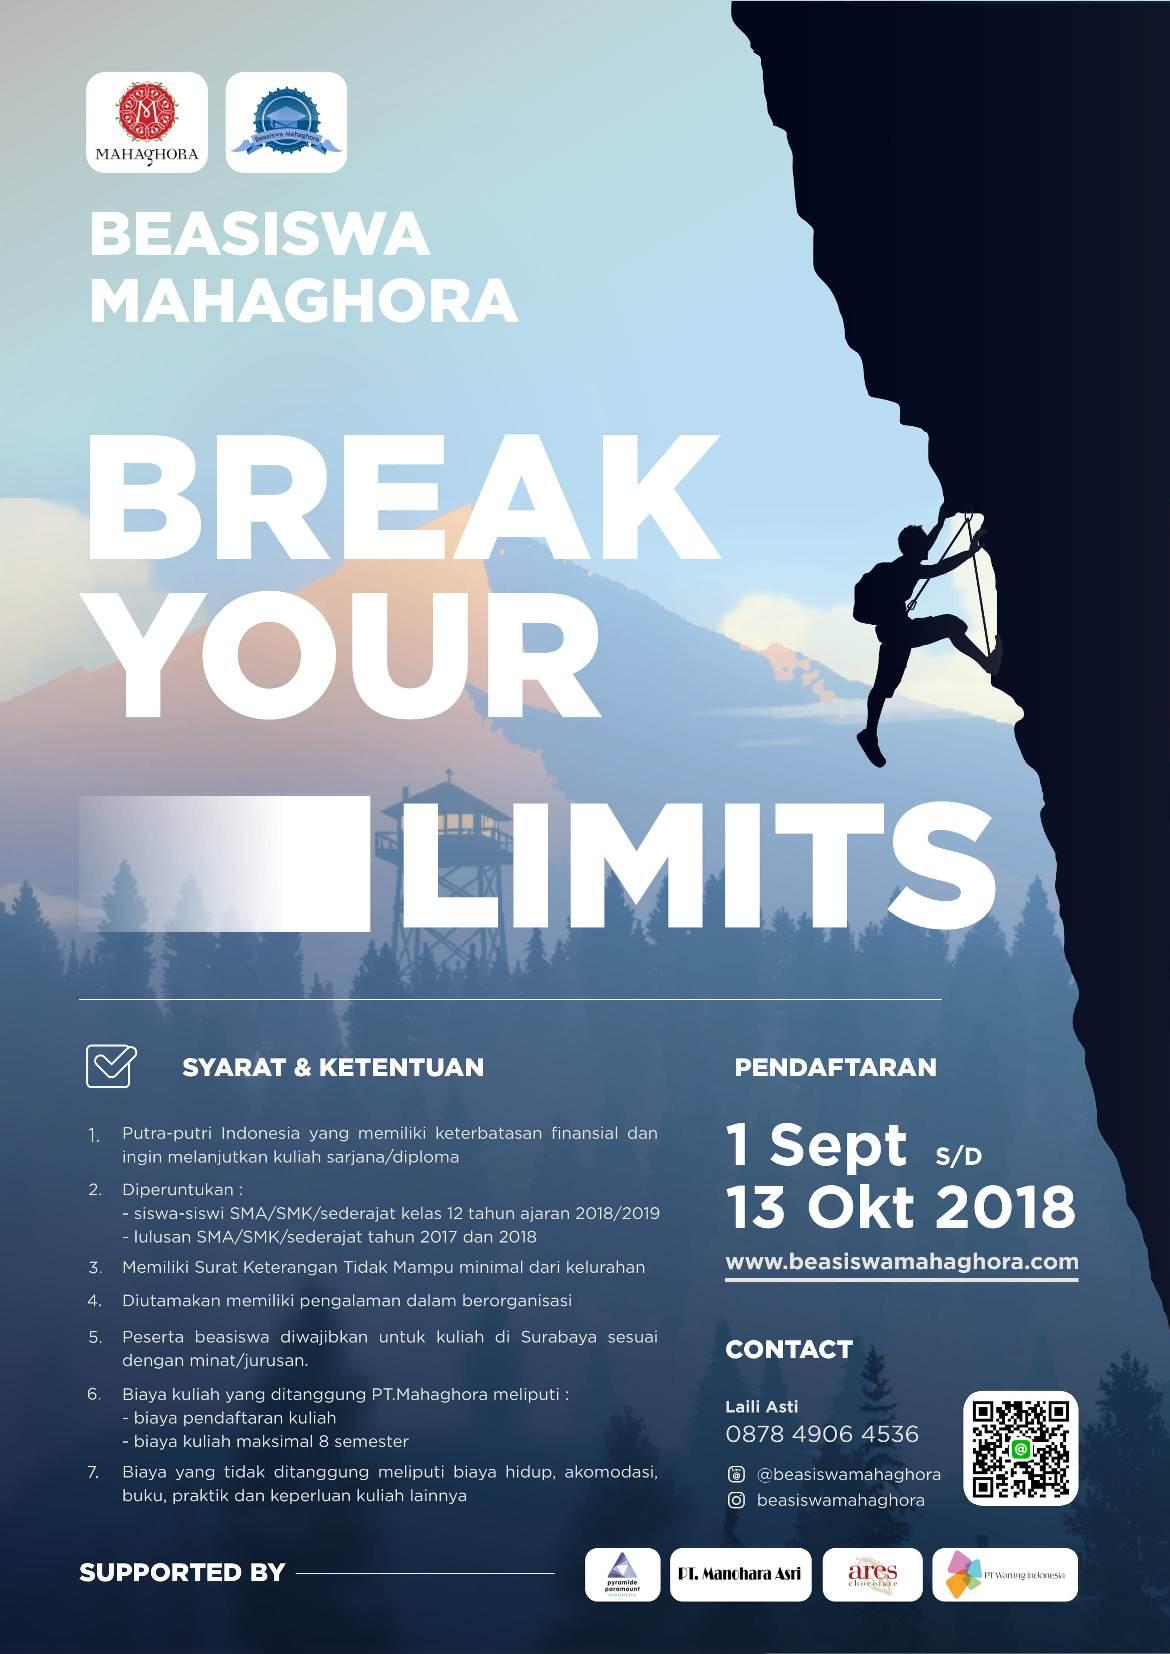 Beasiswa Mahaghora 2018 Batch 2